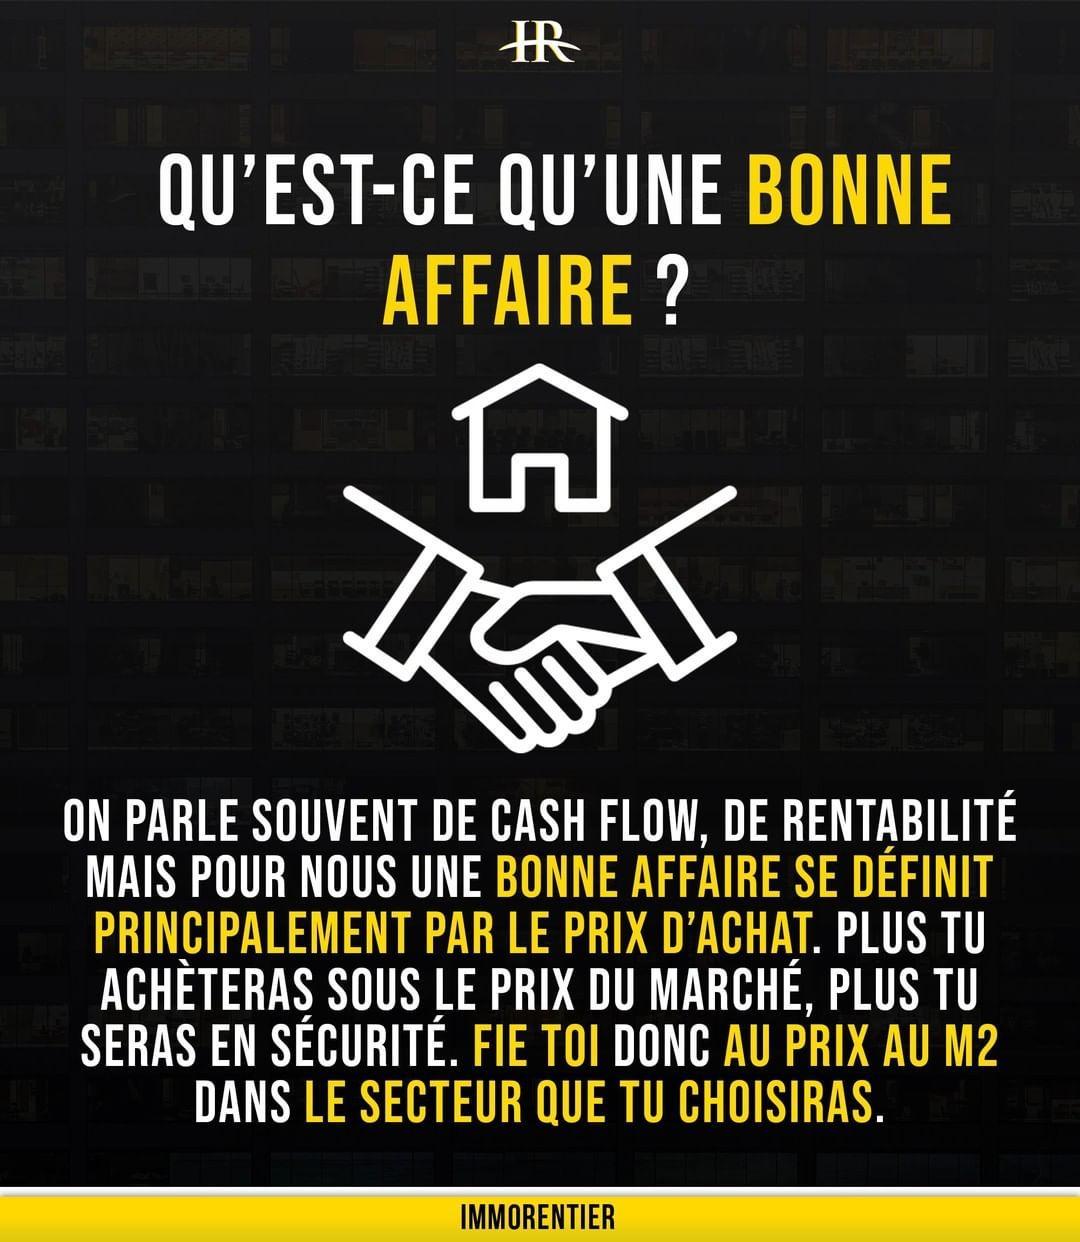 Immobilier Investissements Le Livre D Un Expert Pour Reussir Tous Vos Investissements Finances Personnelles Investissement Marketing Relationnel